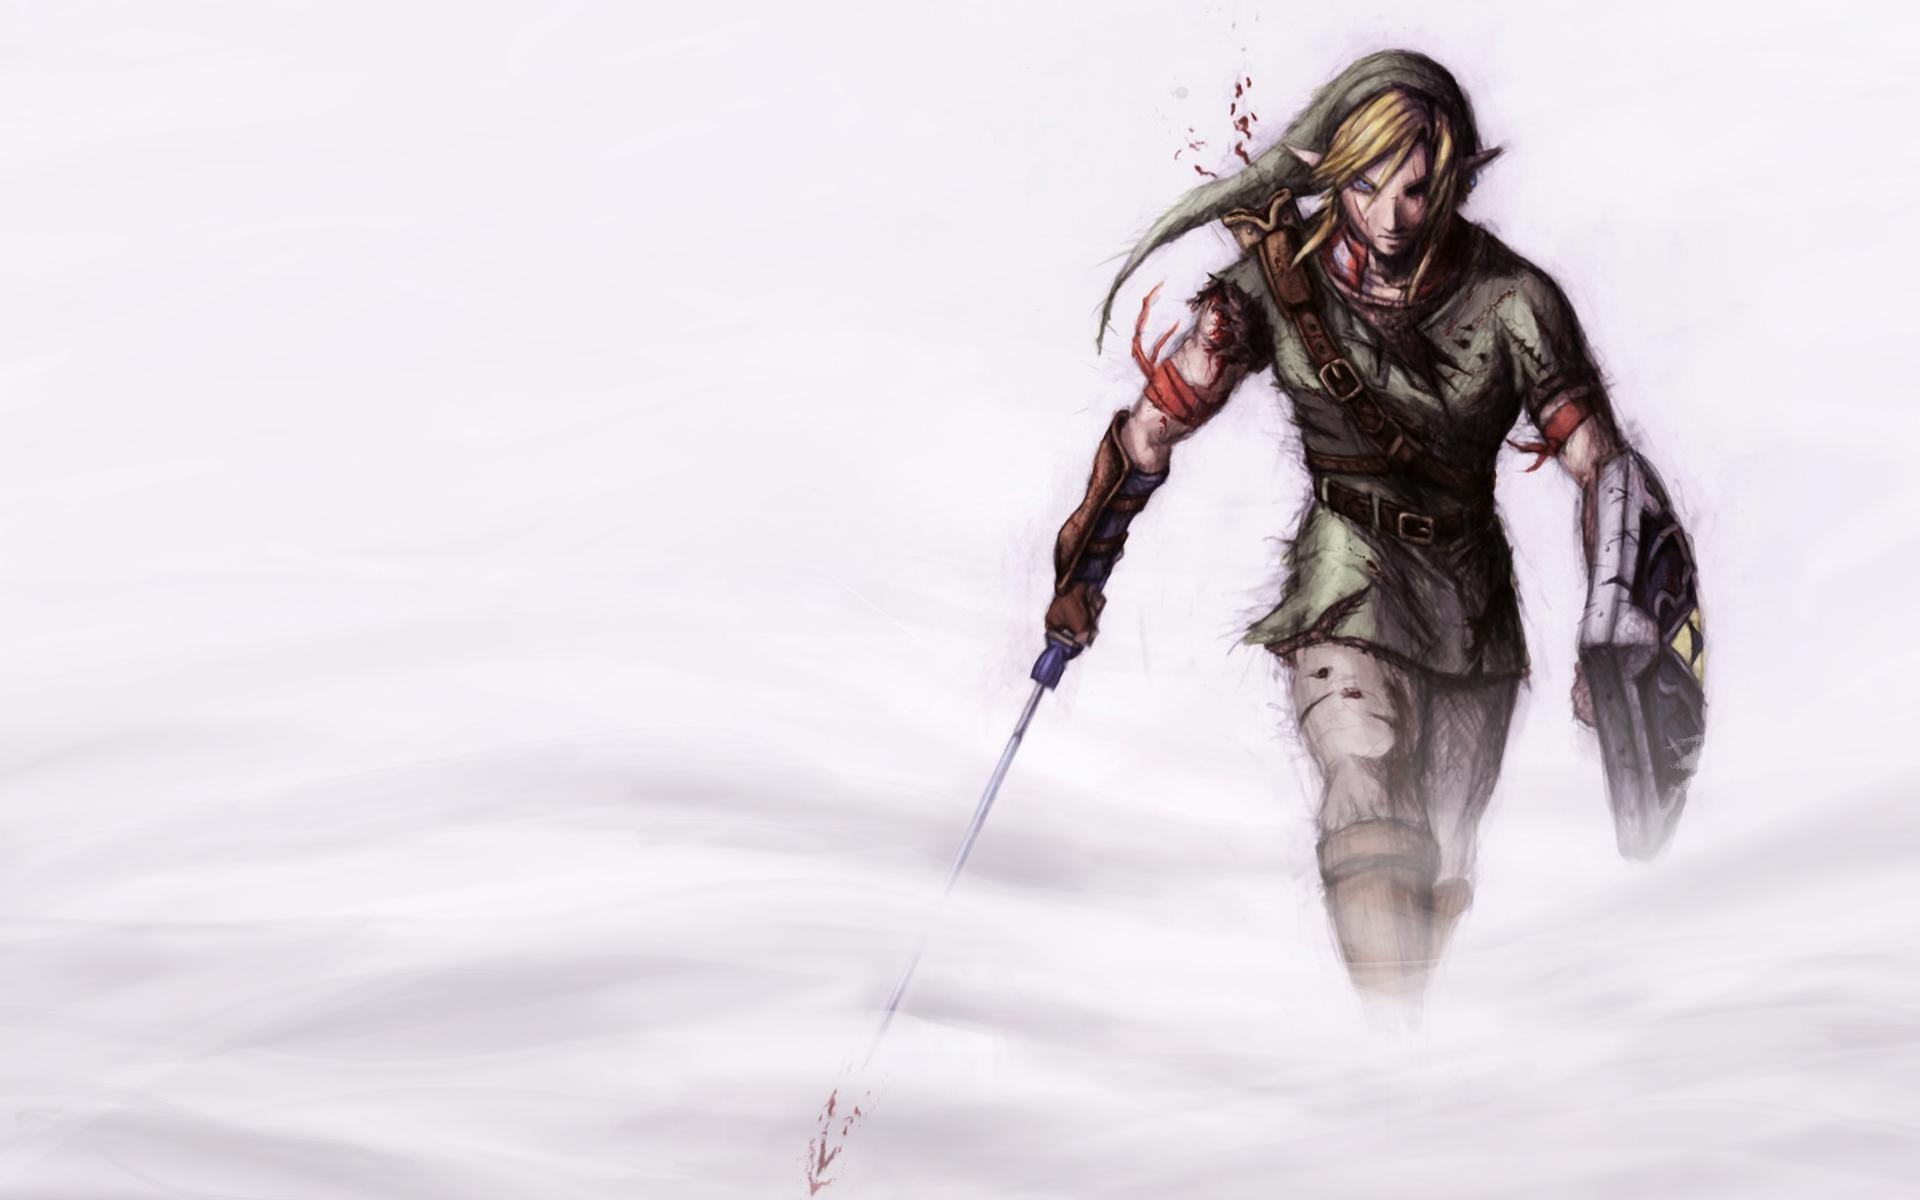 Link from Legend of Zelda desktop wallpaper 1920x1200